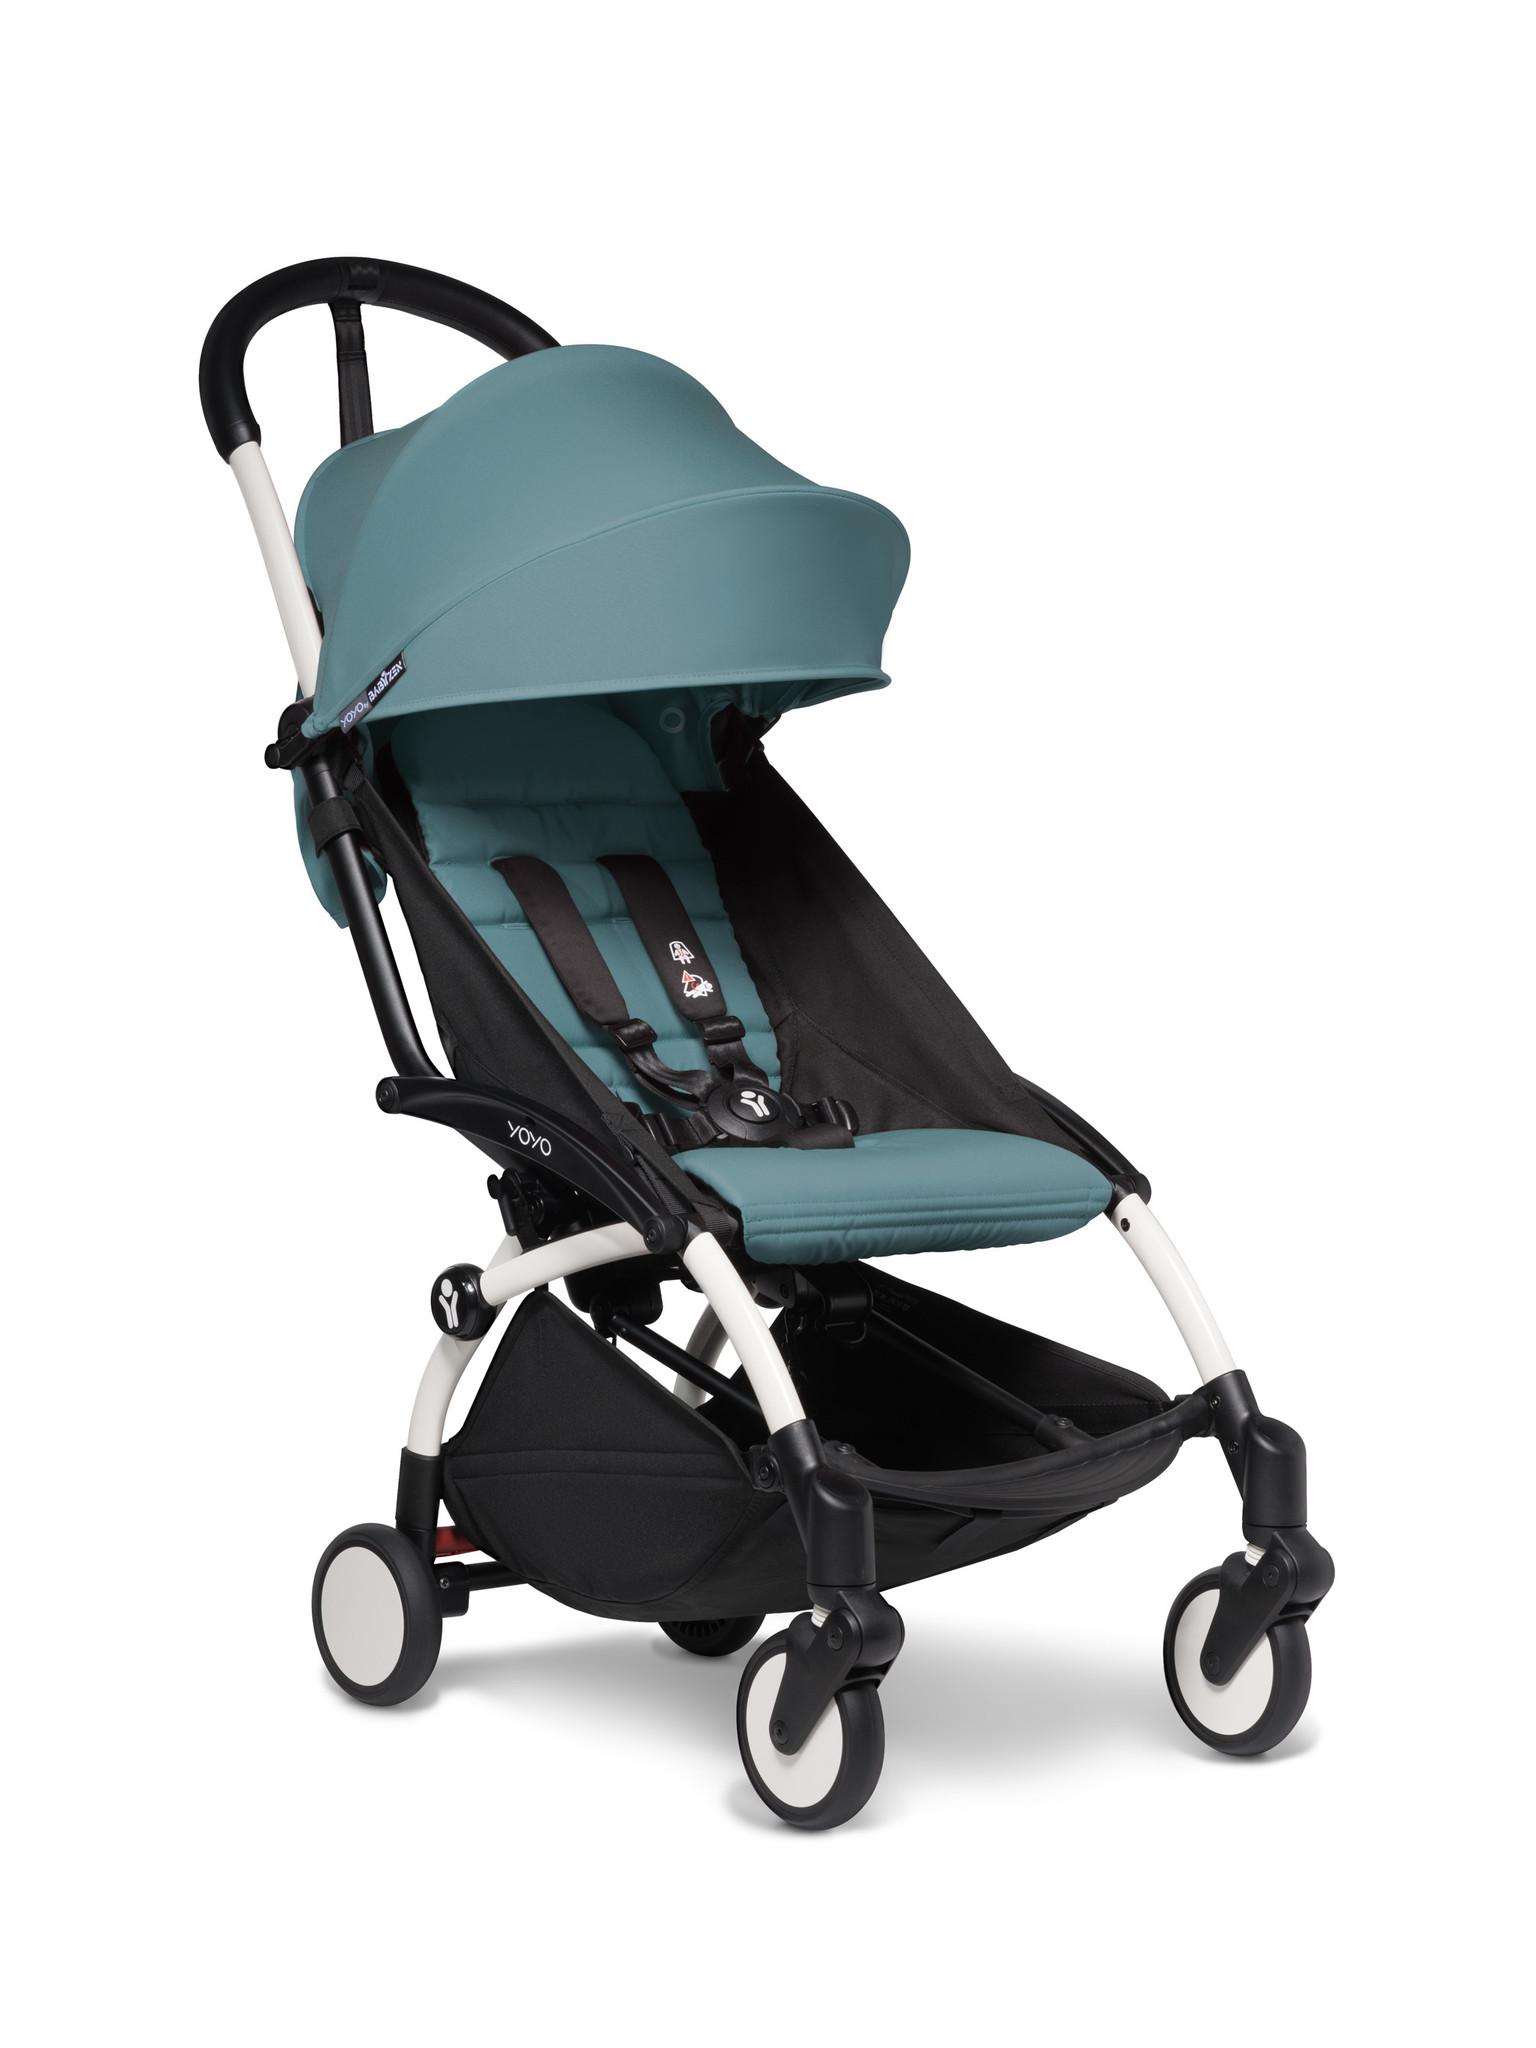 Babyzen Babyzen YOYO² buggy vanaf 6 maanden inclusief beensteun -  aqua met frame wit